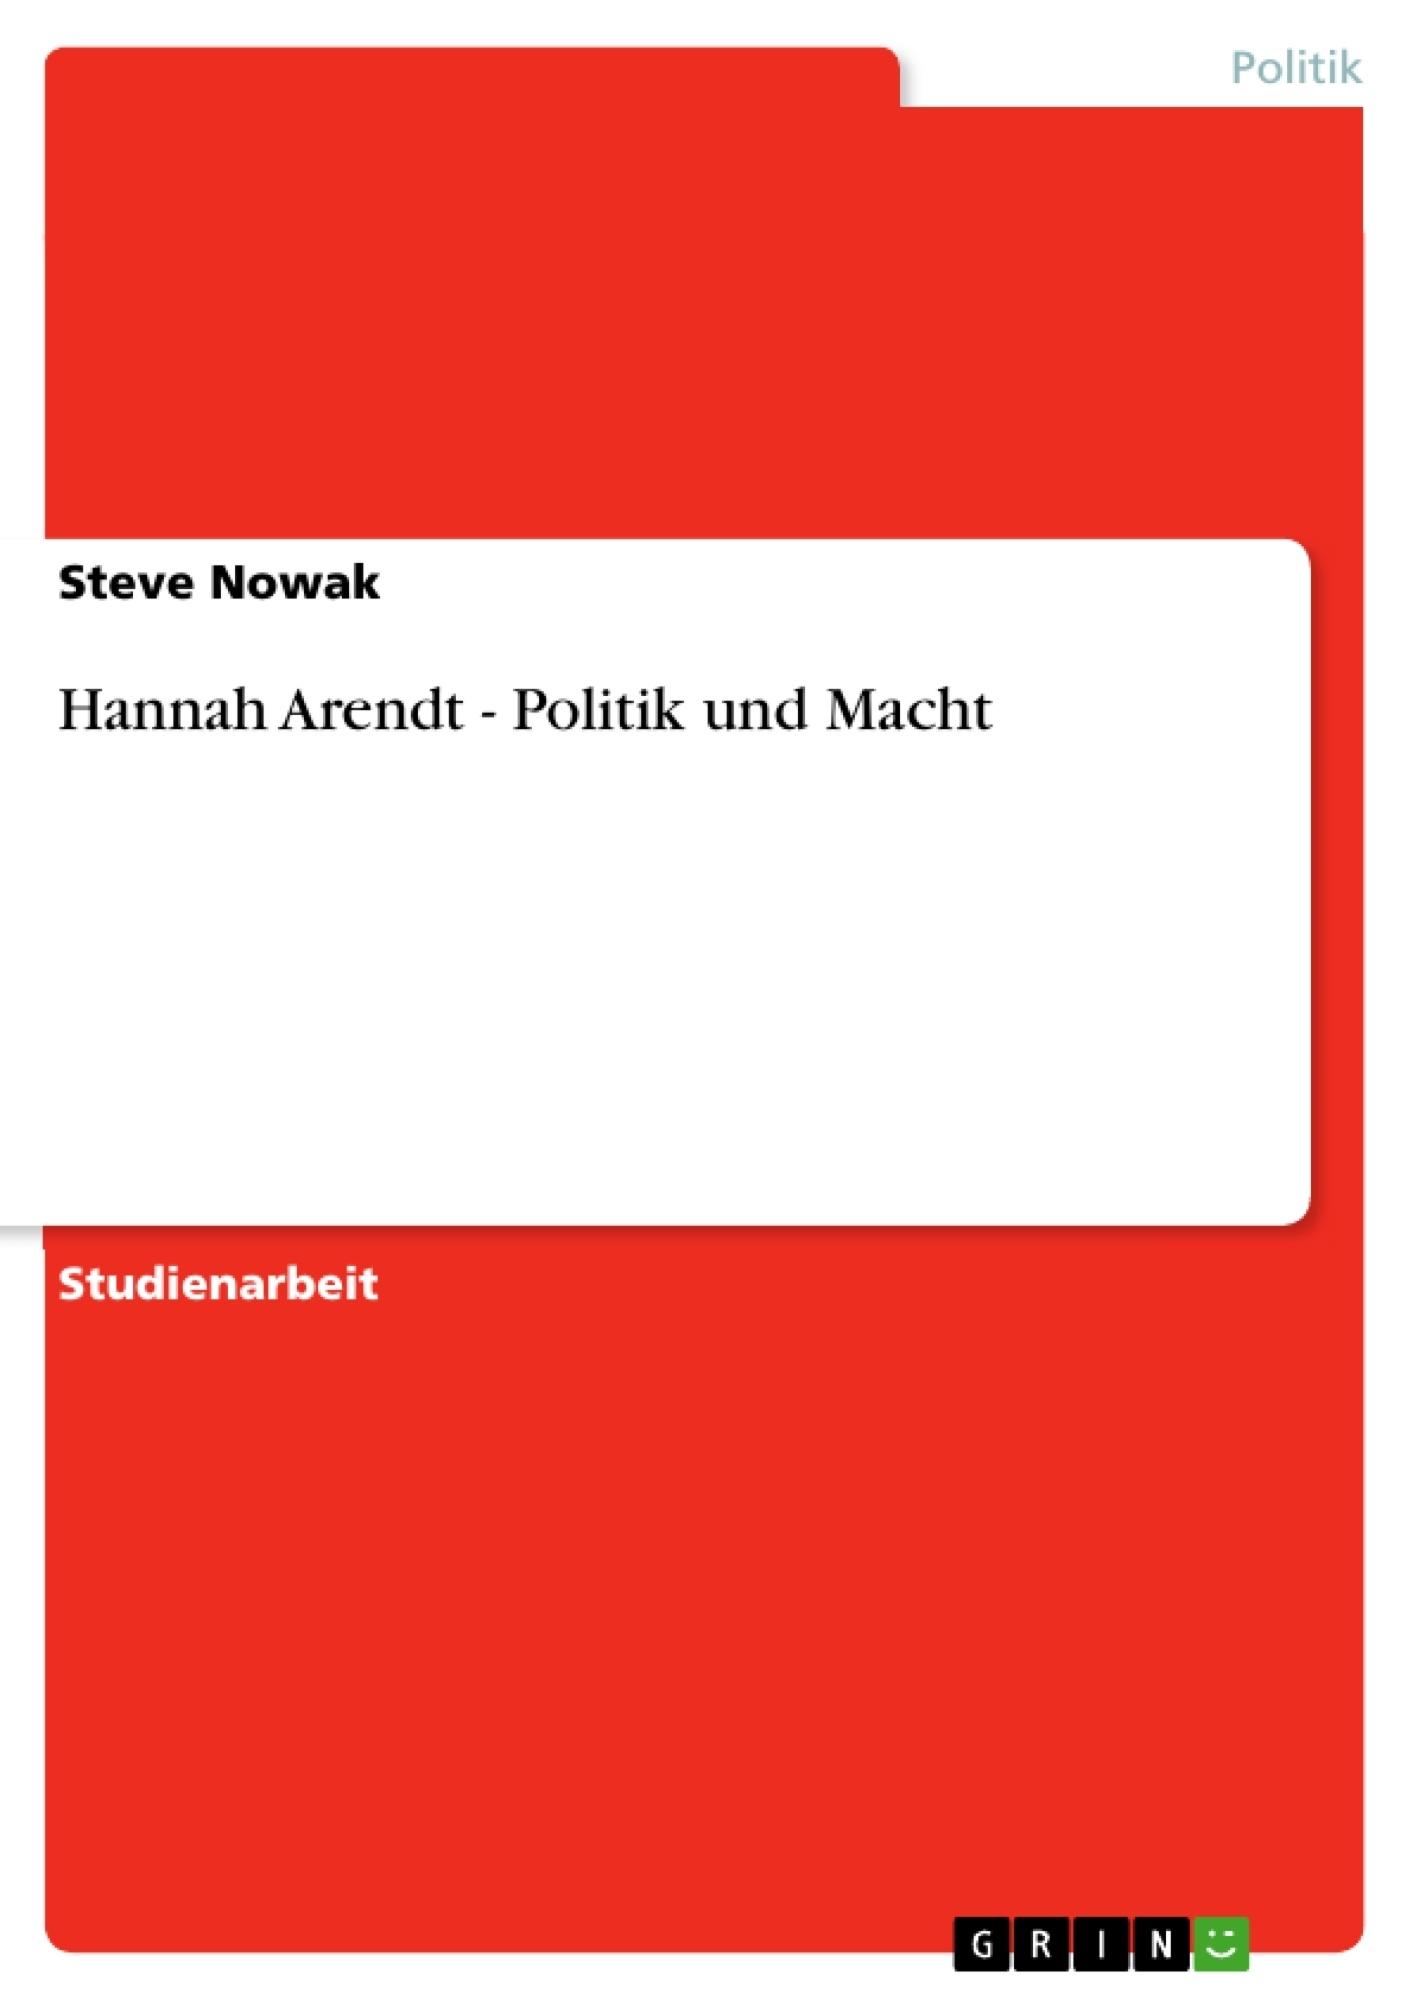 Titel: Hannah Arendt - Politik und Macht